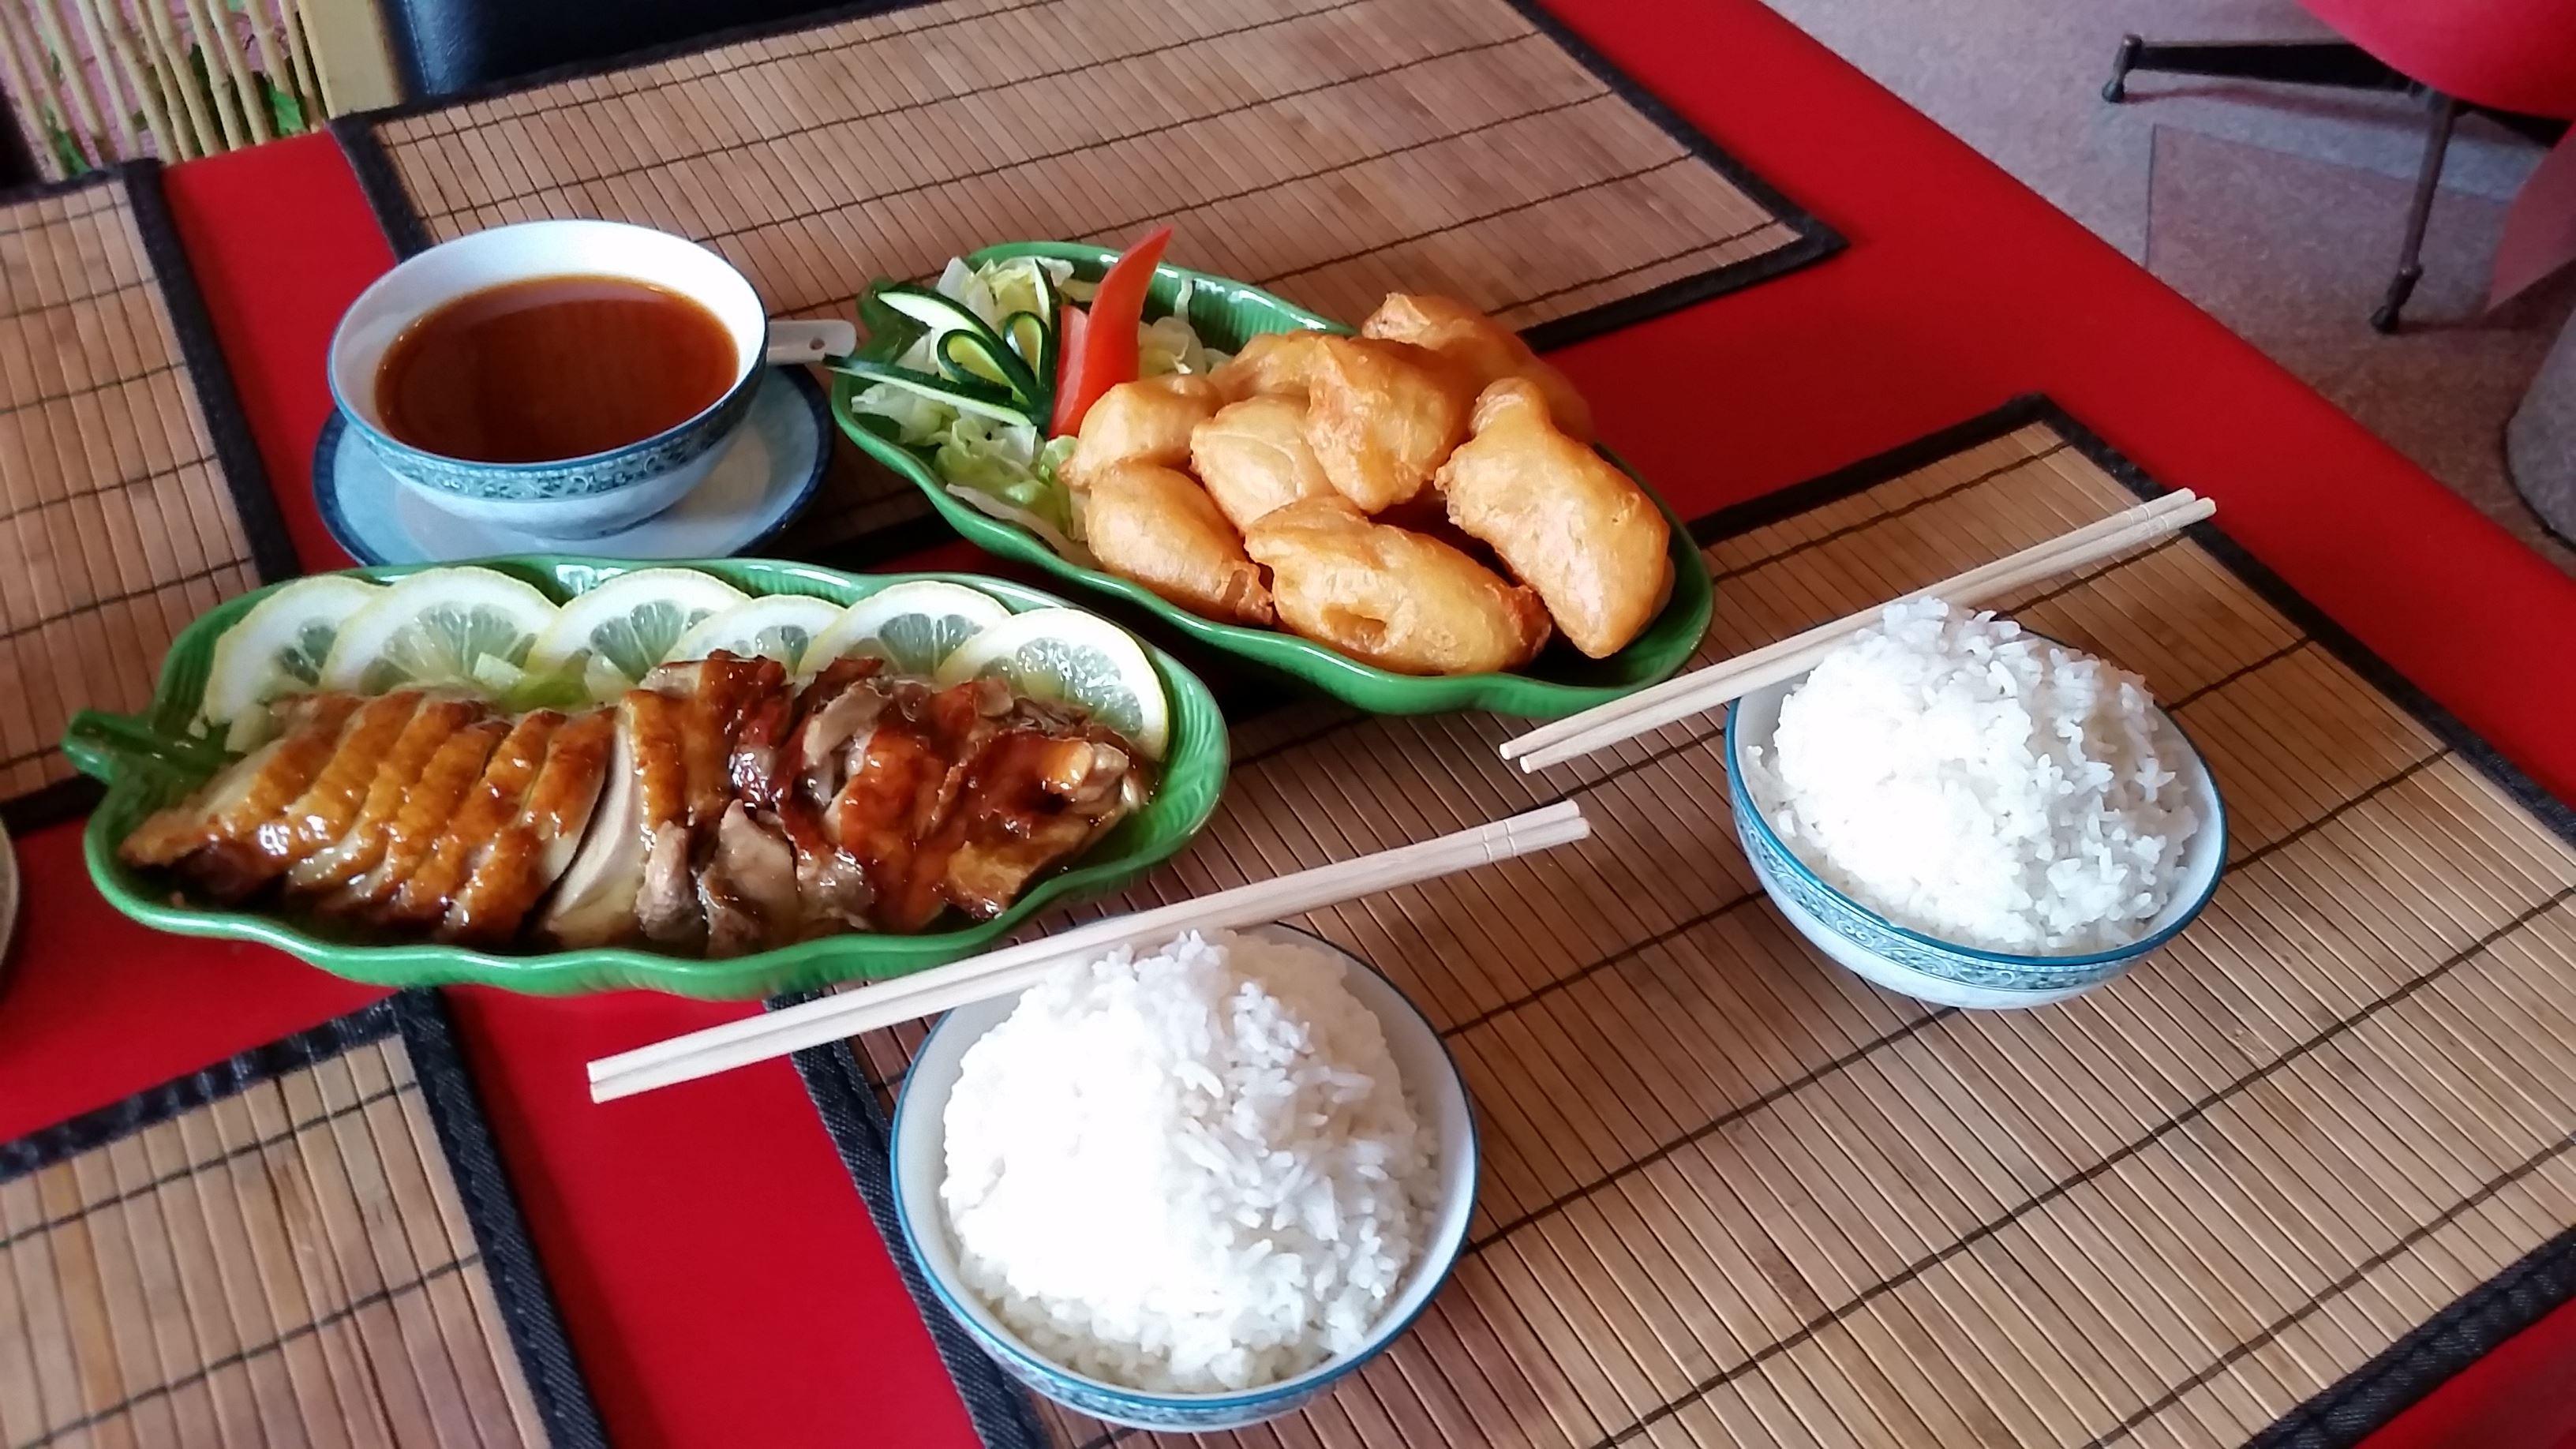 © Restaurang Asien, Restaurang Asien